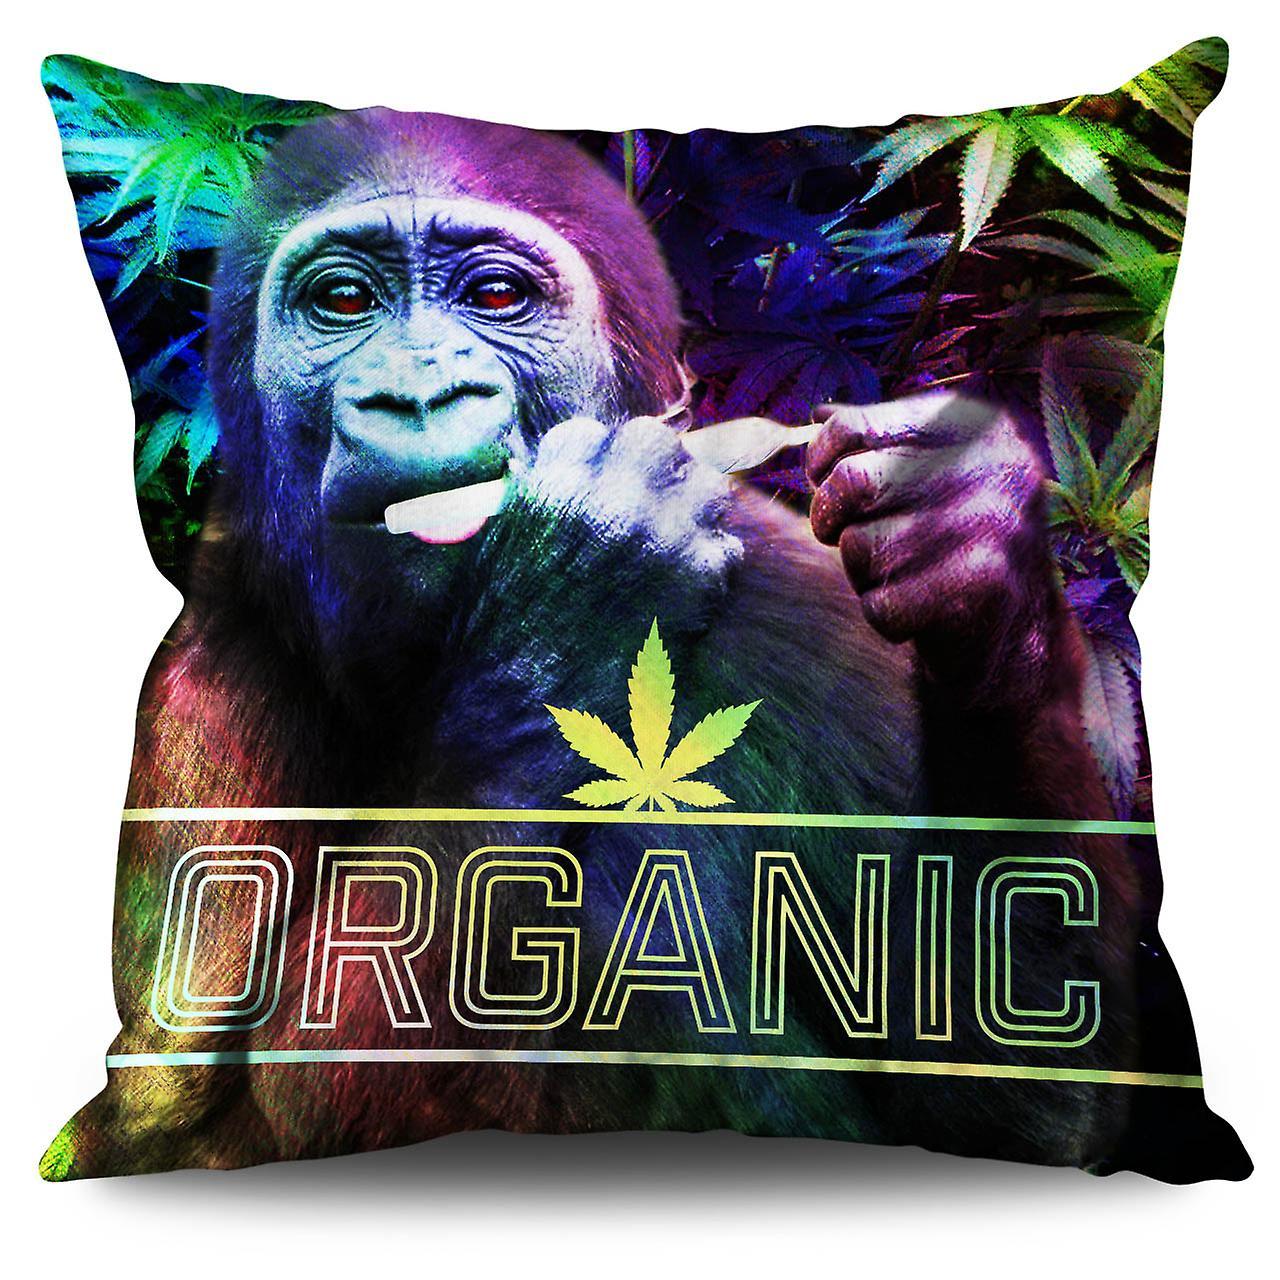 CmWellcoda Cannabis Lin Organiques Coussin De 30 Rasta X f7yY6gbv